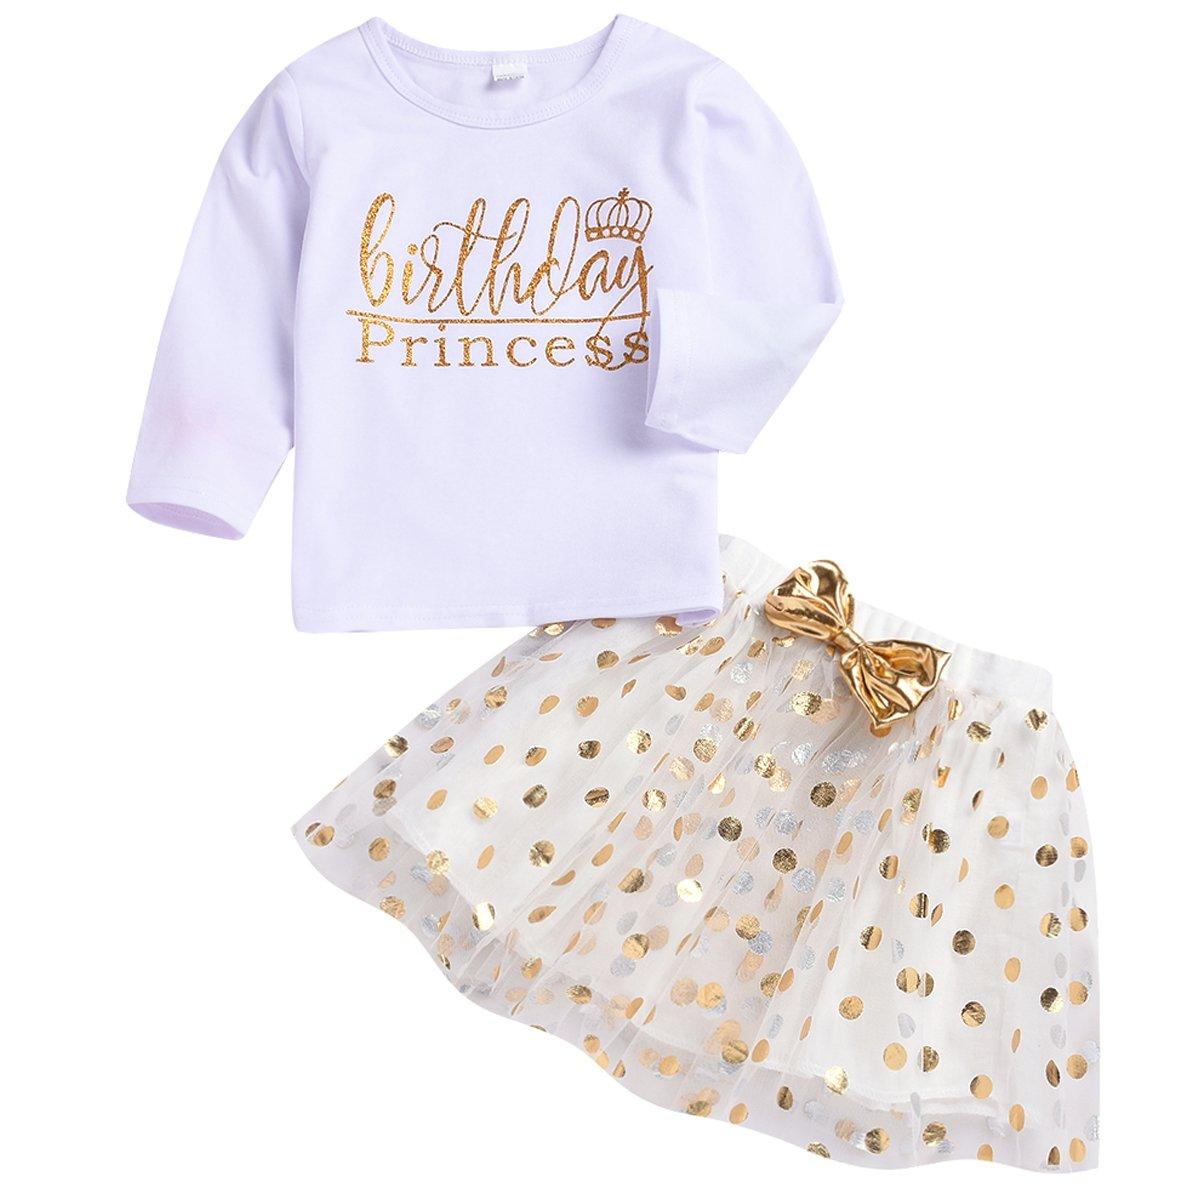 d7a933a09d2 Toddler Kids Baby Girls Outfits Birthday Princess Vest Sleeveless Top +Dot  Bubble Skirt 2PCS Summer